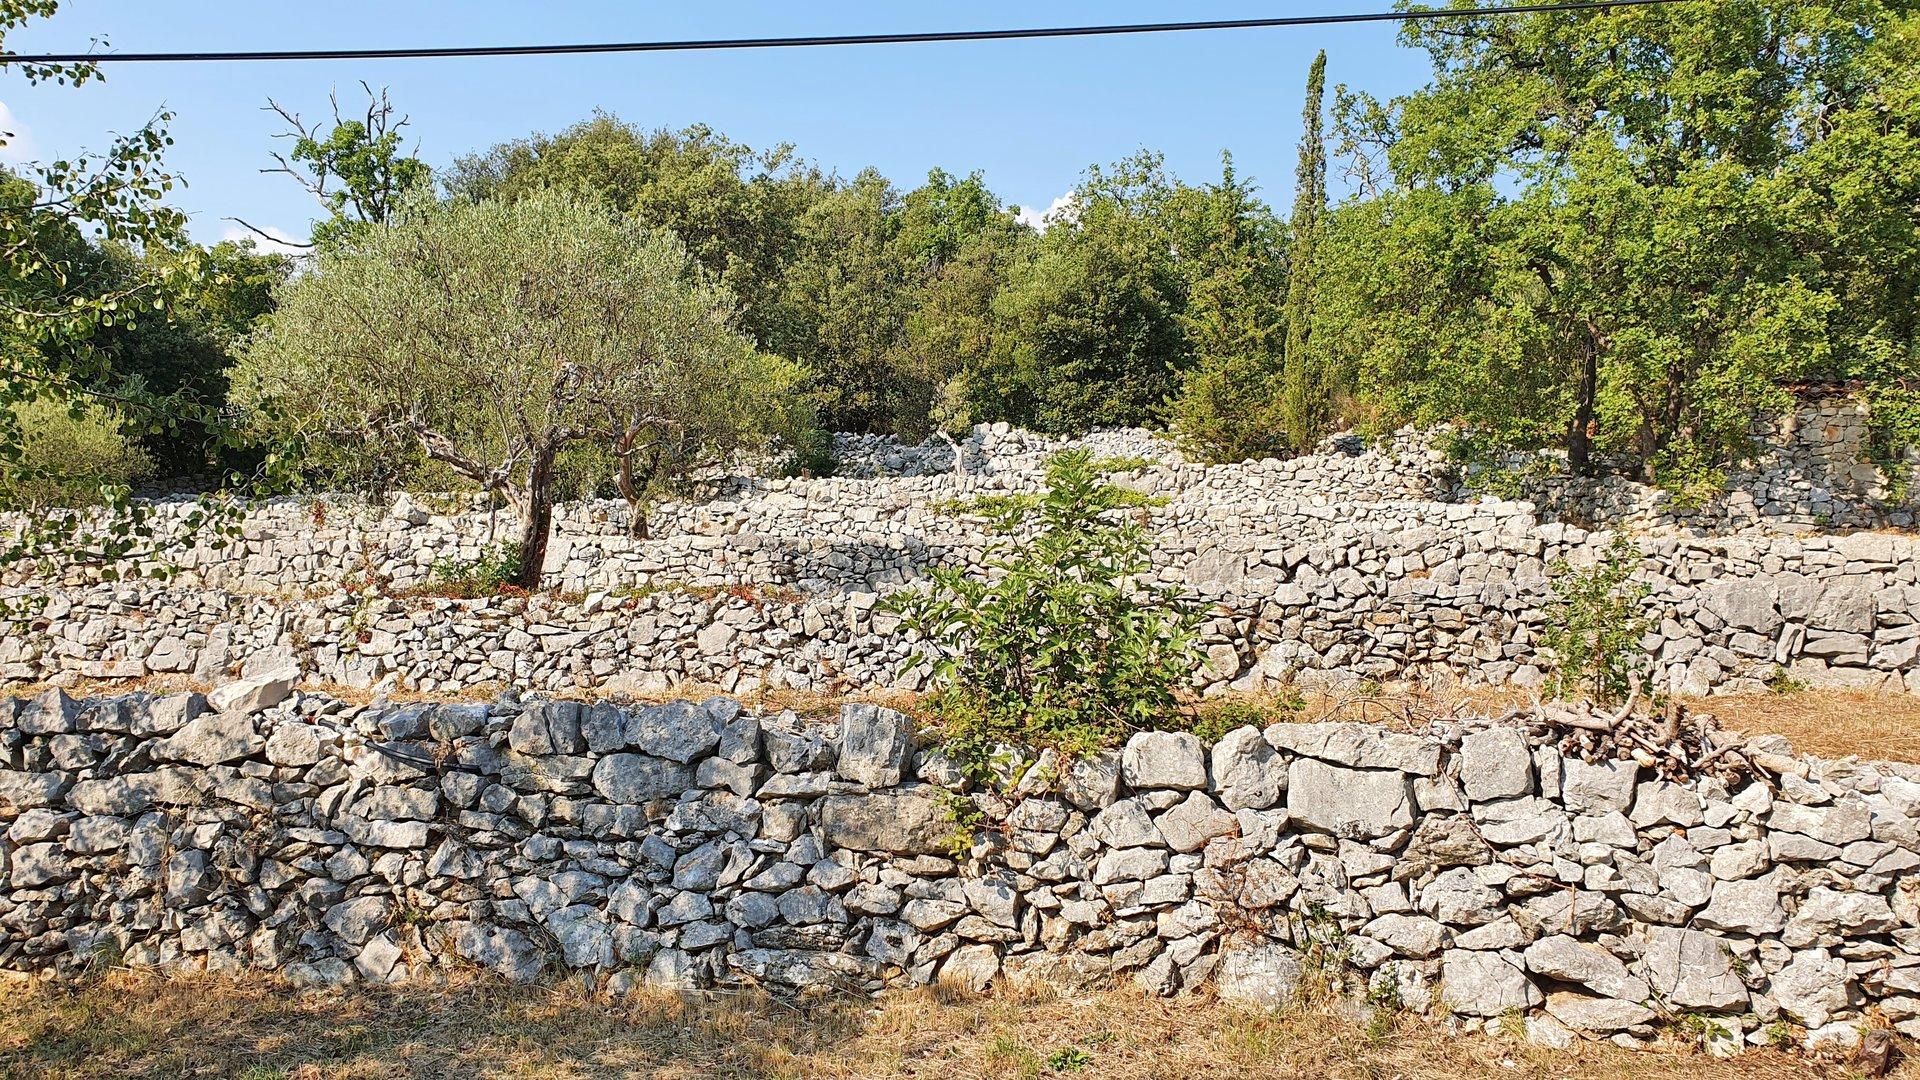 Mons: oud boerenhuis 'en pierre' op een rustige plek